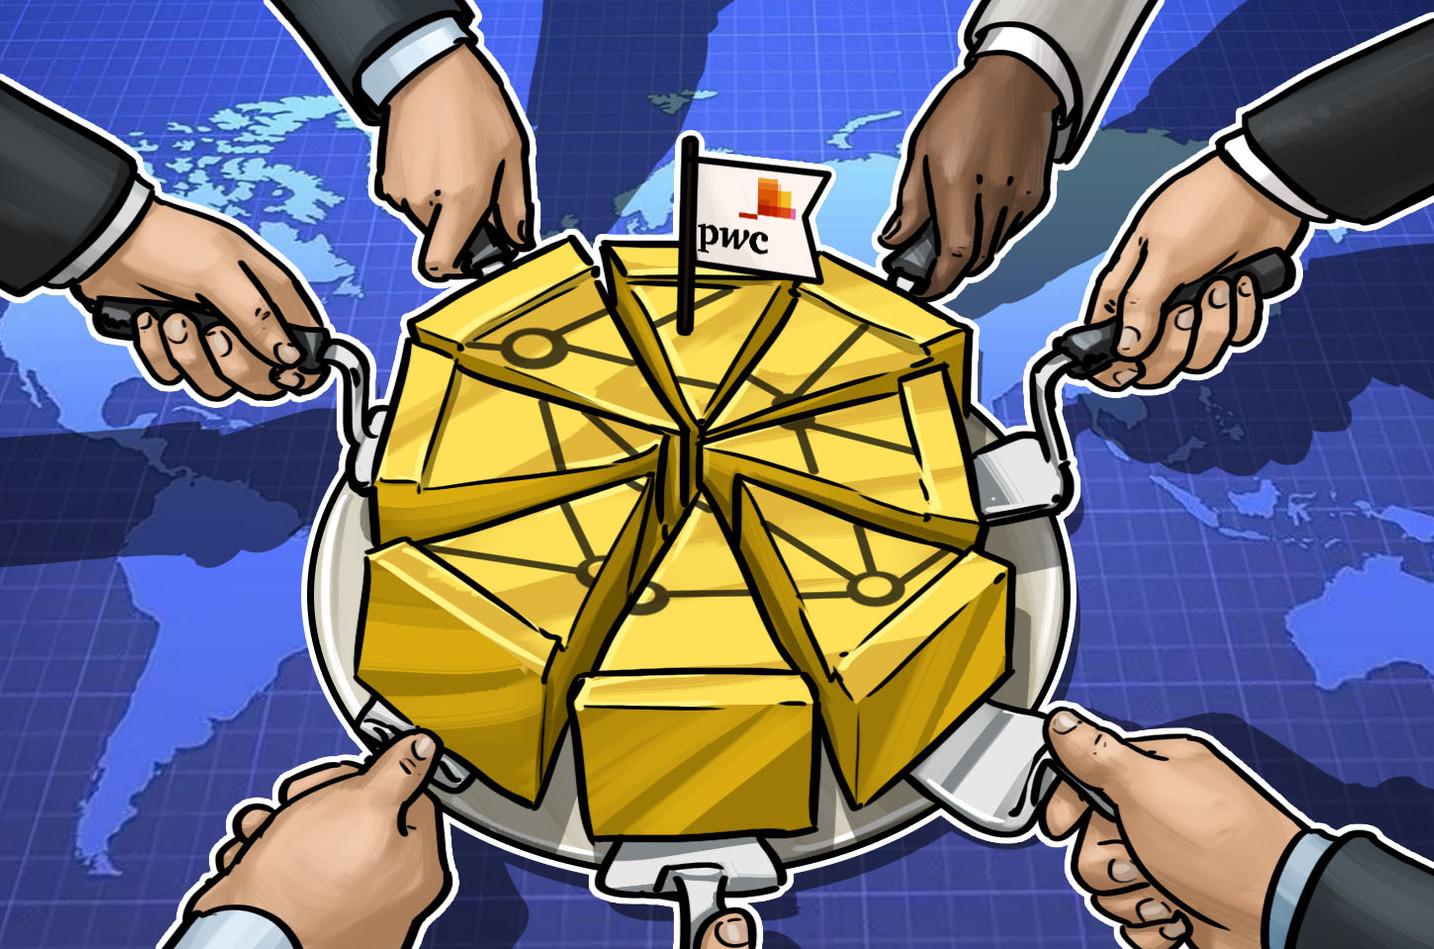 Ufficiale: PwC Lussemburgo accetterà i pagamenti in Bitcoin da ottobre 2019